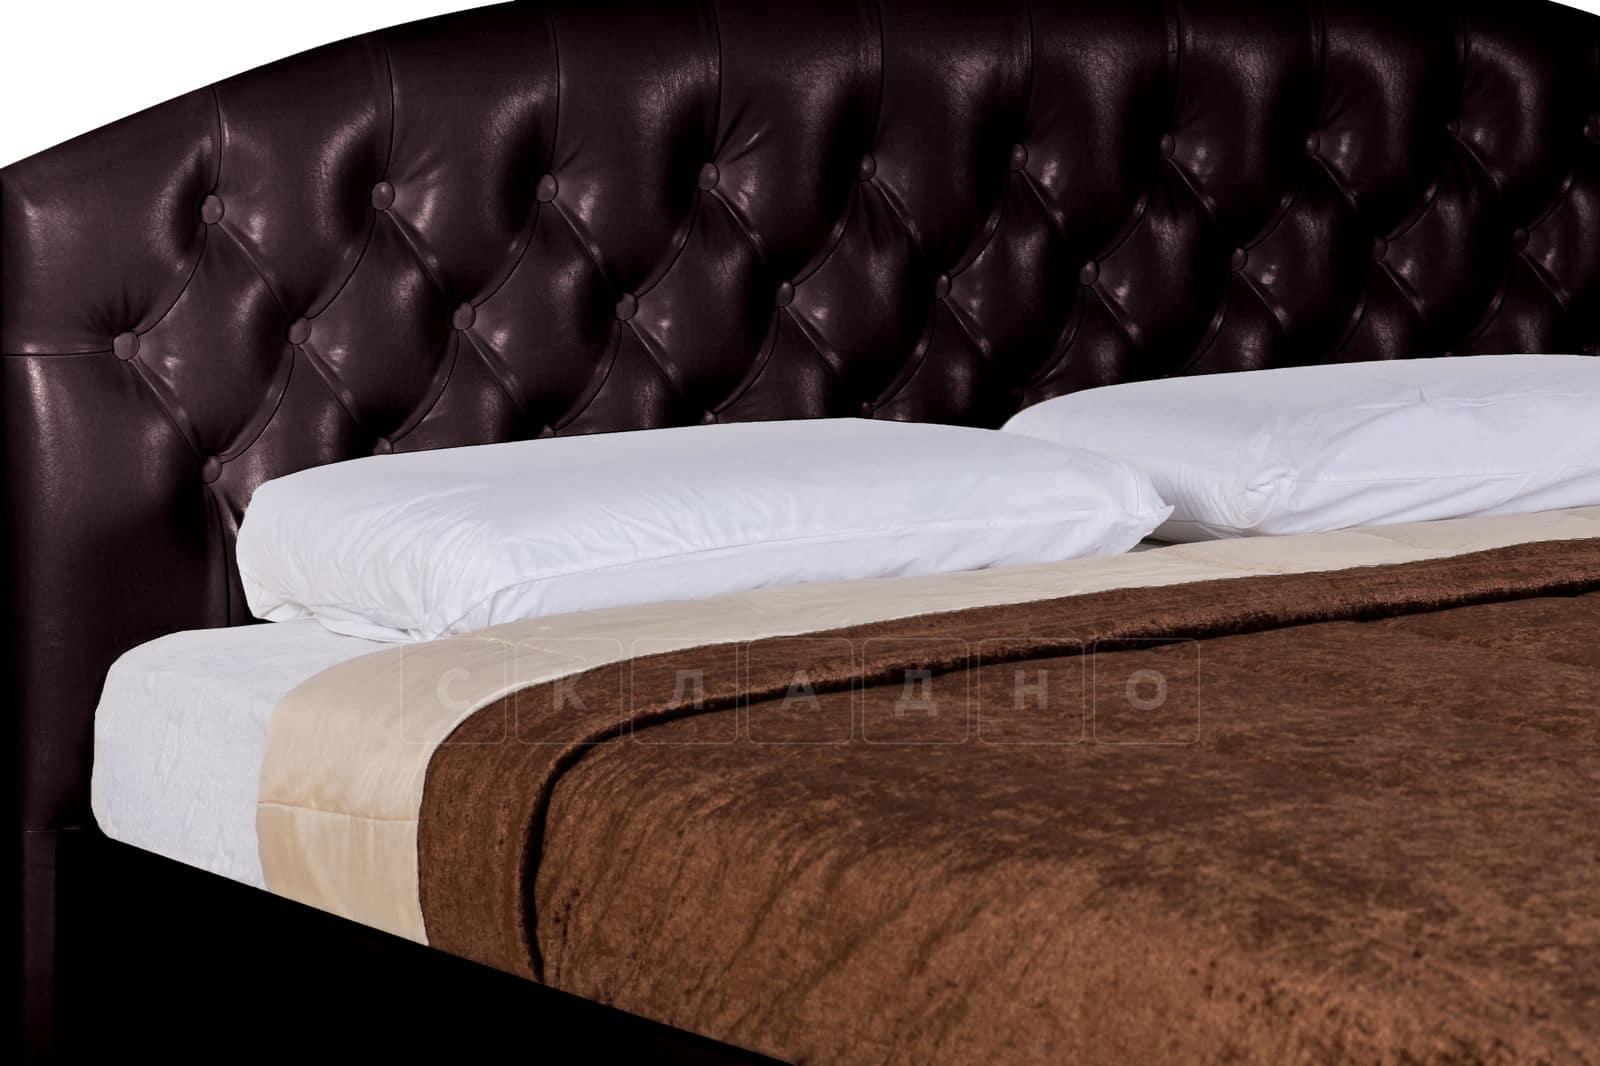 Мягкая кровать Малибу 160см экокожа шоколадного цвета вариант 1-2 фото 7 | интернет-магазин Складно